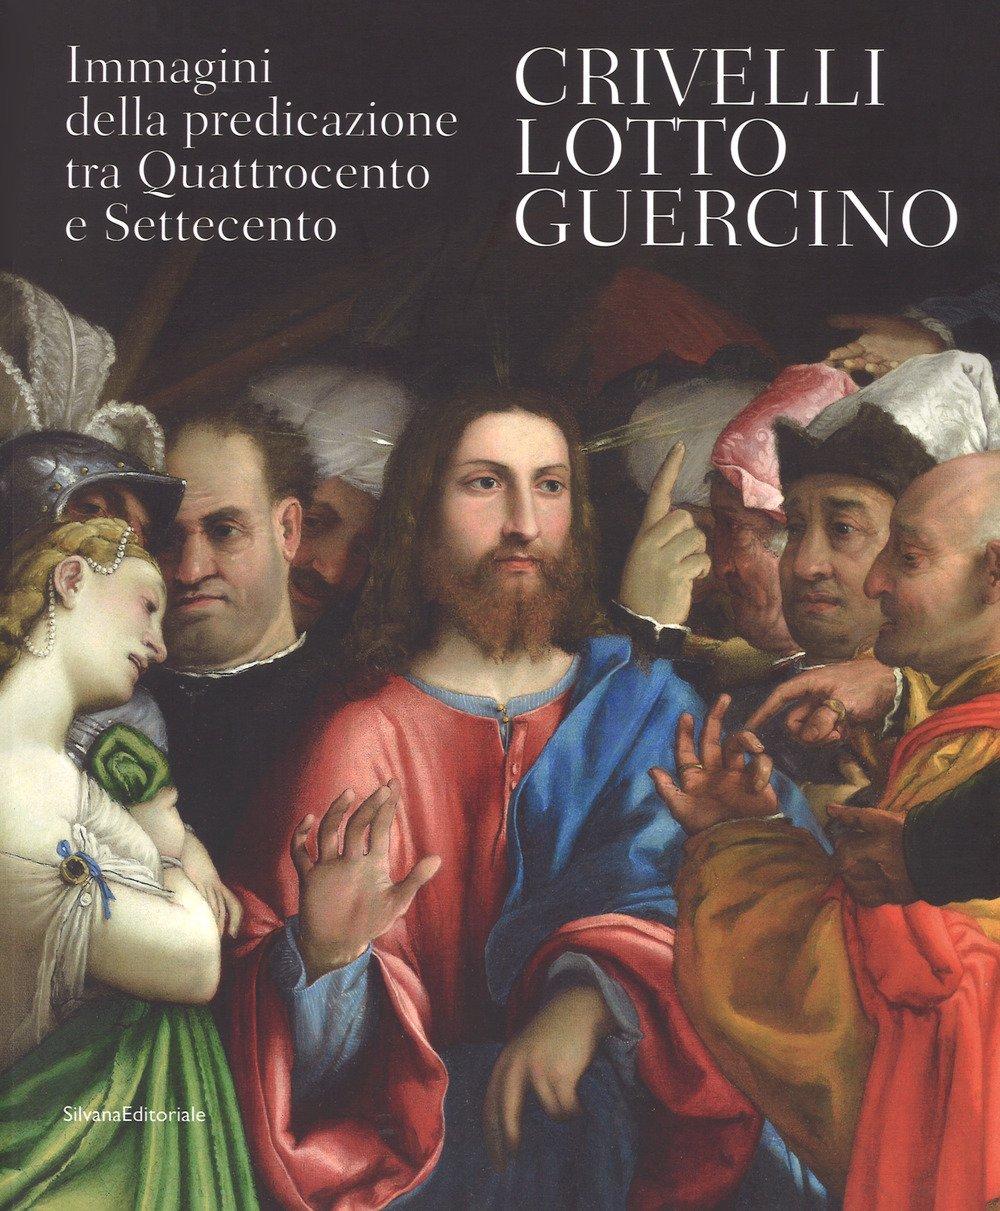 Crivelli Lotto Guercino. Immagini della predicazione tra Quattrocento e Settecento